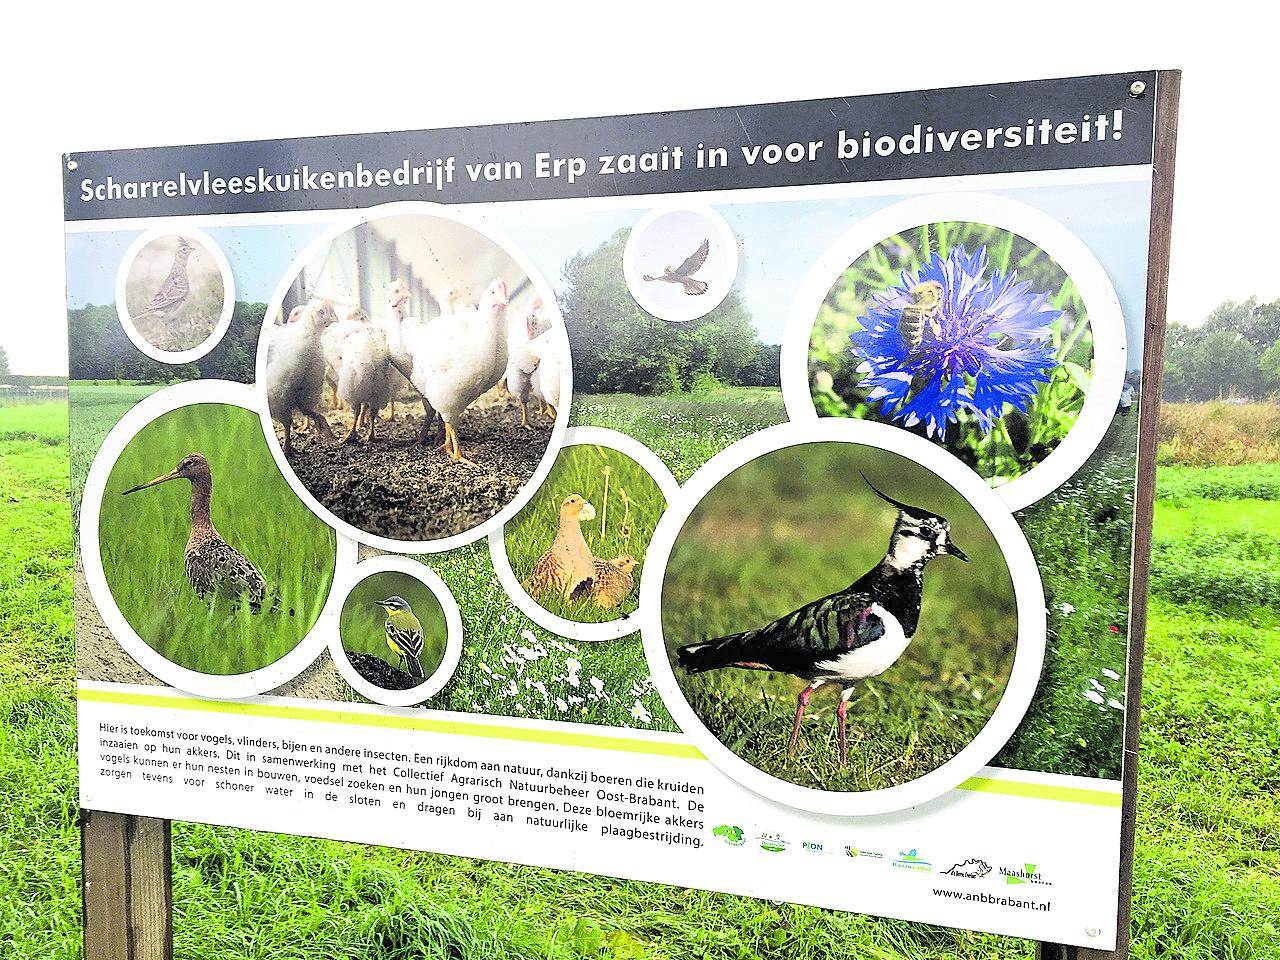 Planten en dieren krijgen  meer ruimte in Sint Anthonis